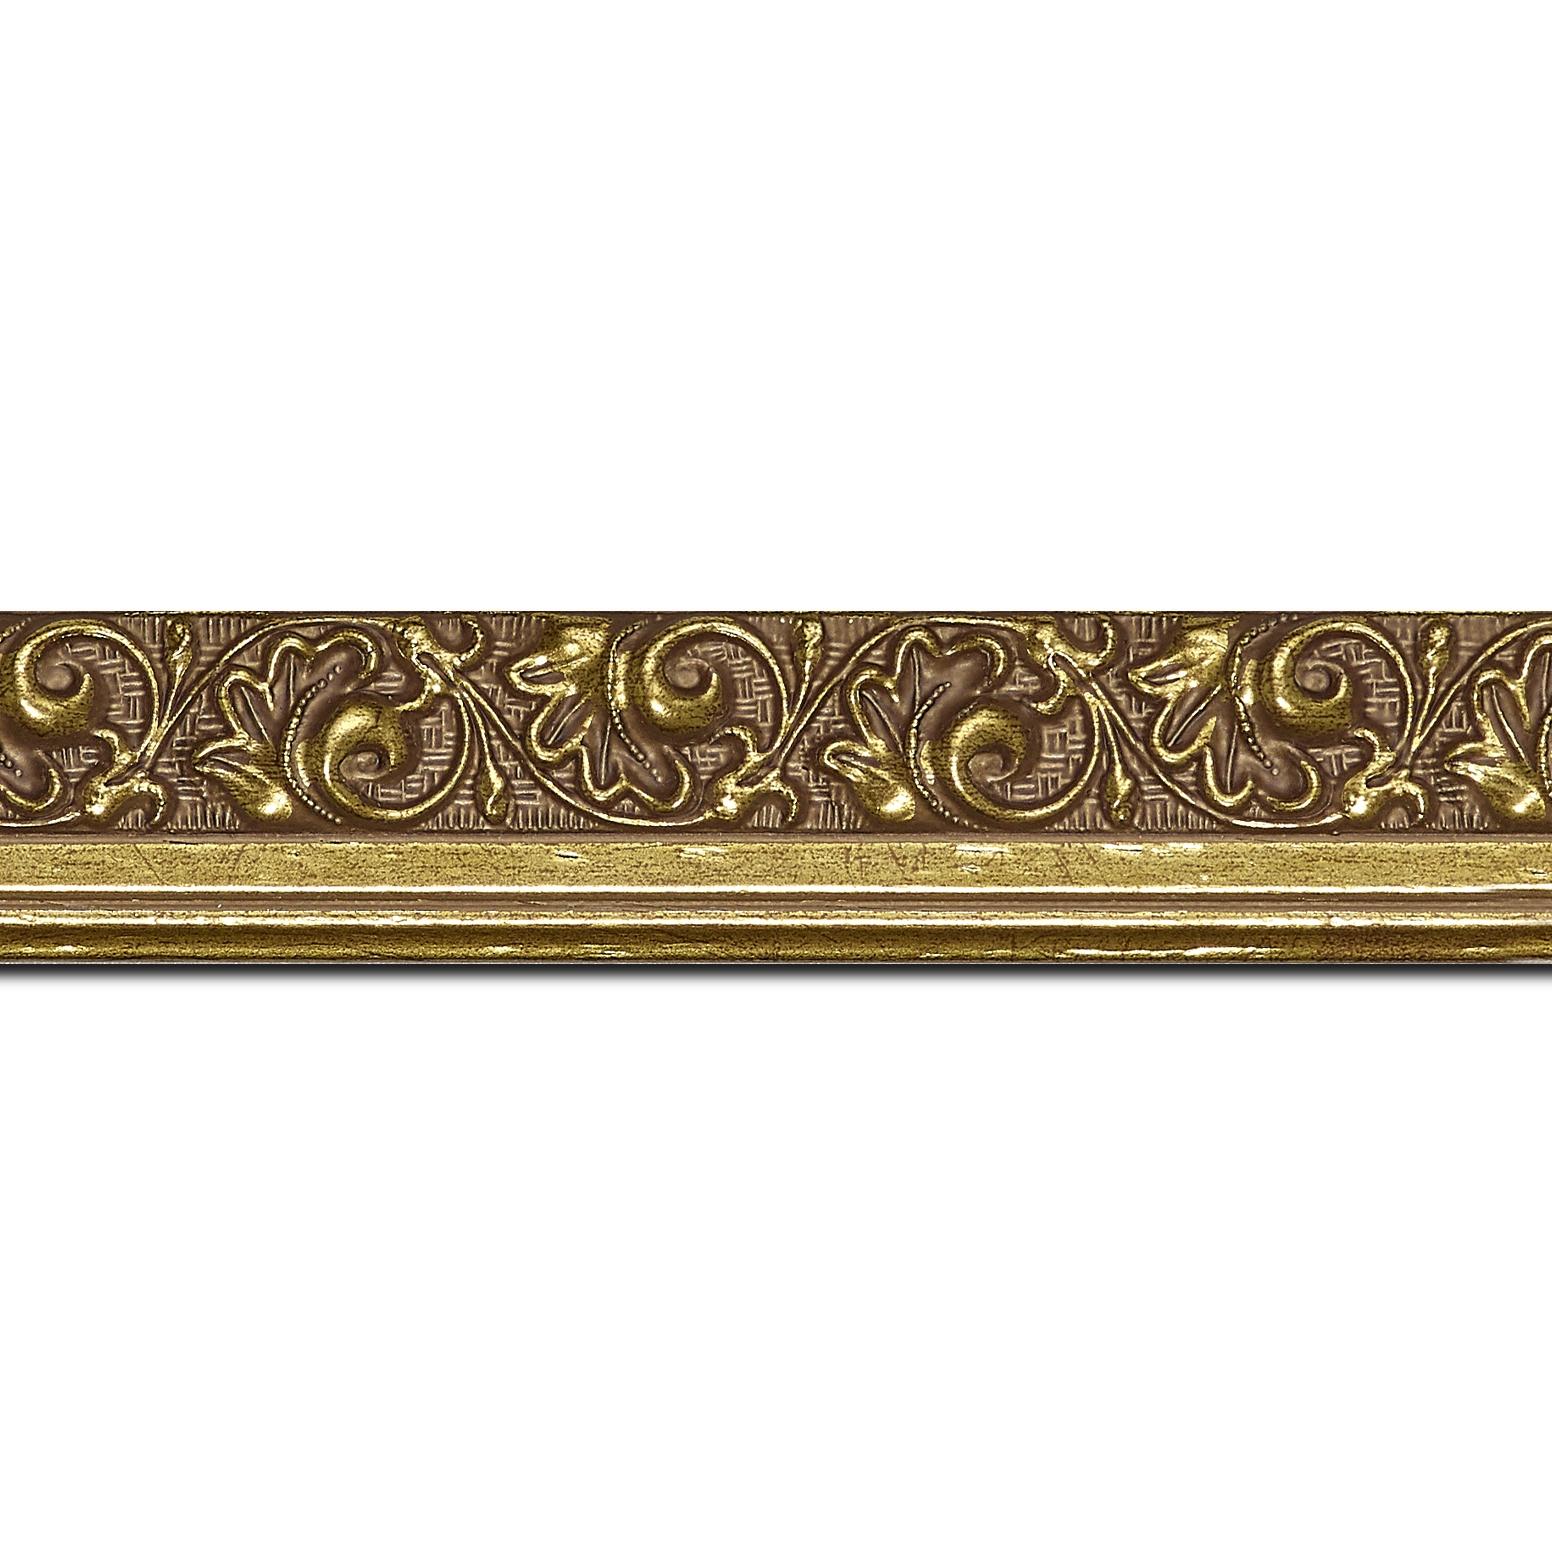 Baguette longueur 1.40m bois profil plat largeur 3.5cm or antique satiné décor frise